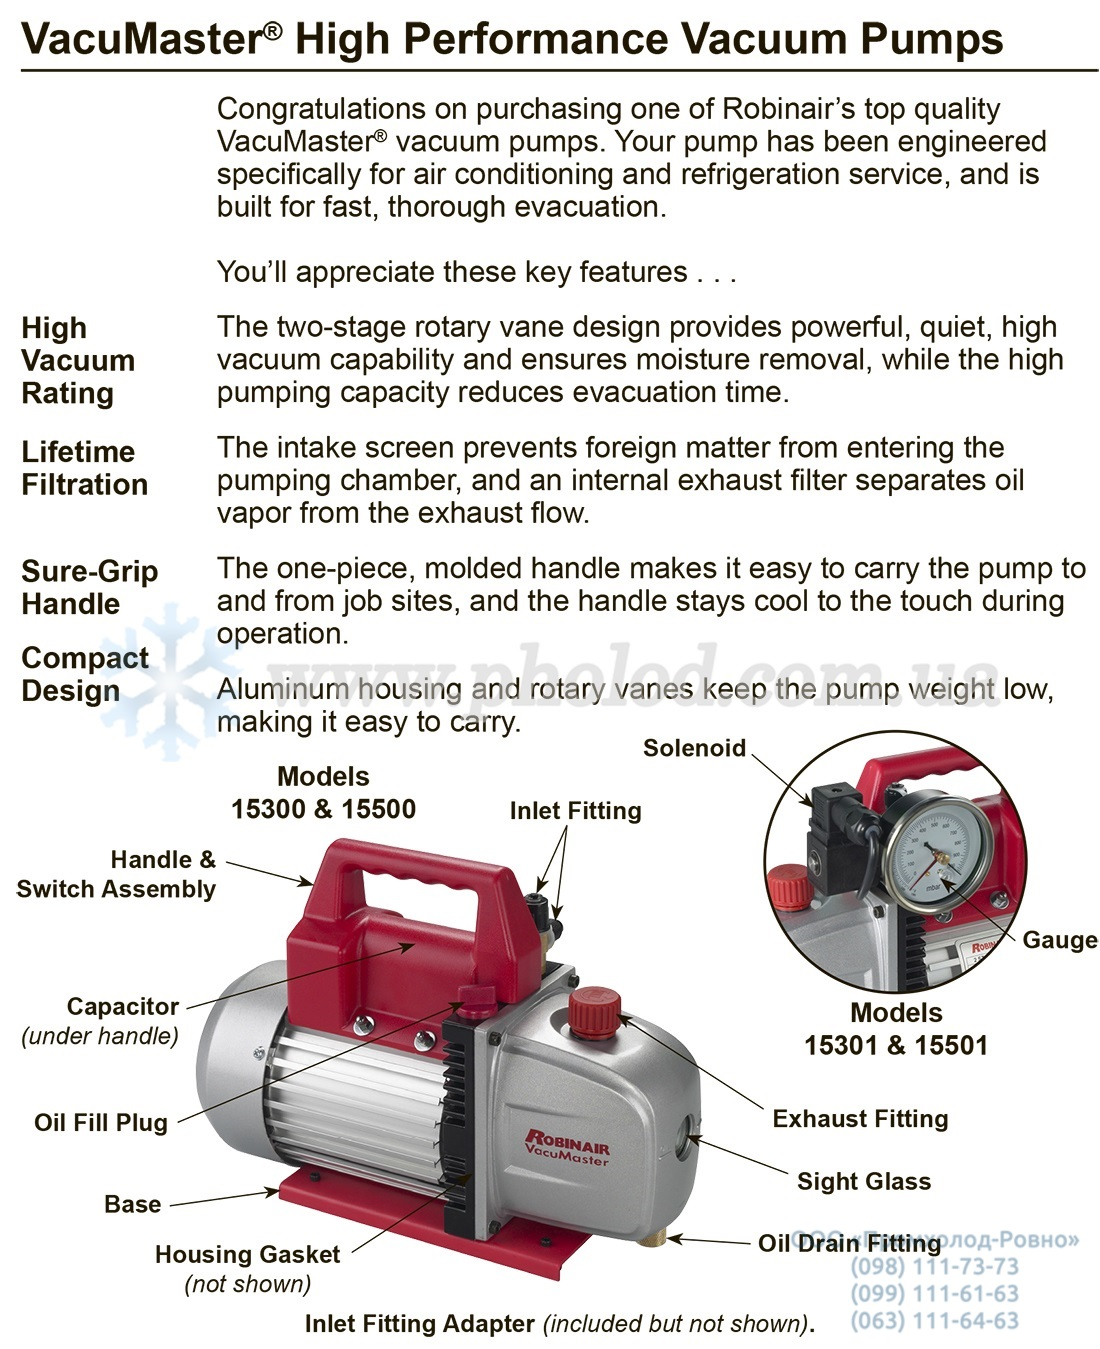 robinair vacuum pump - 2